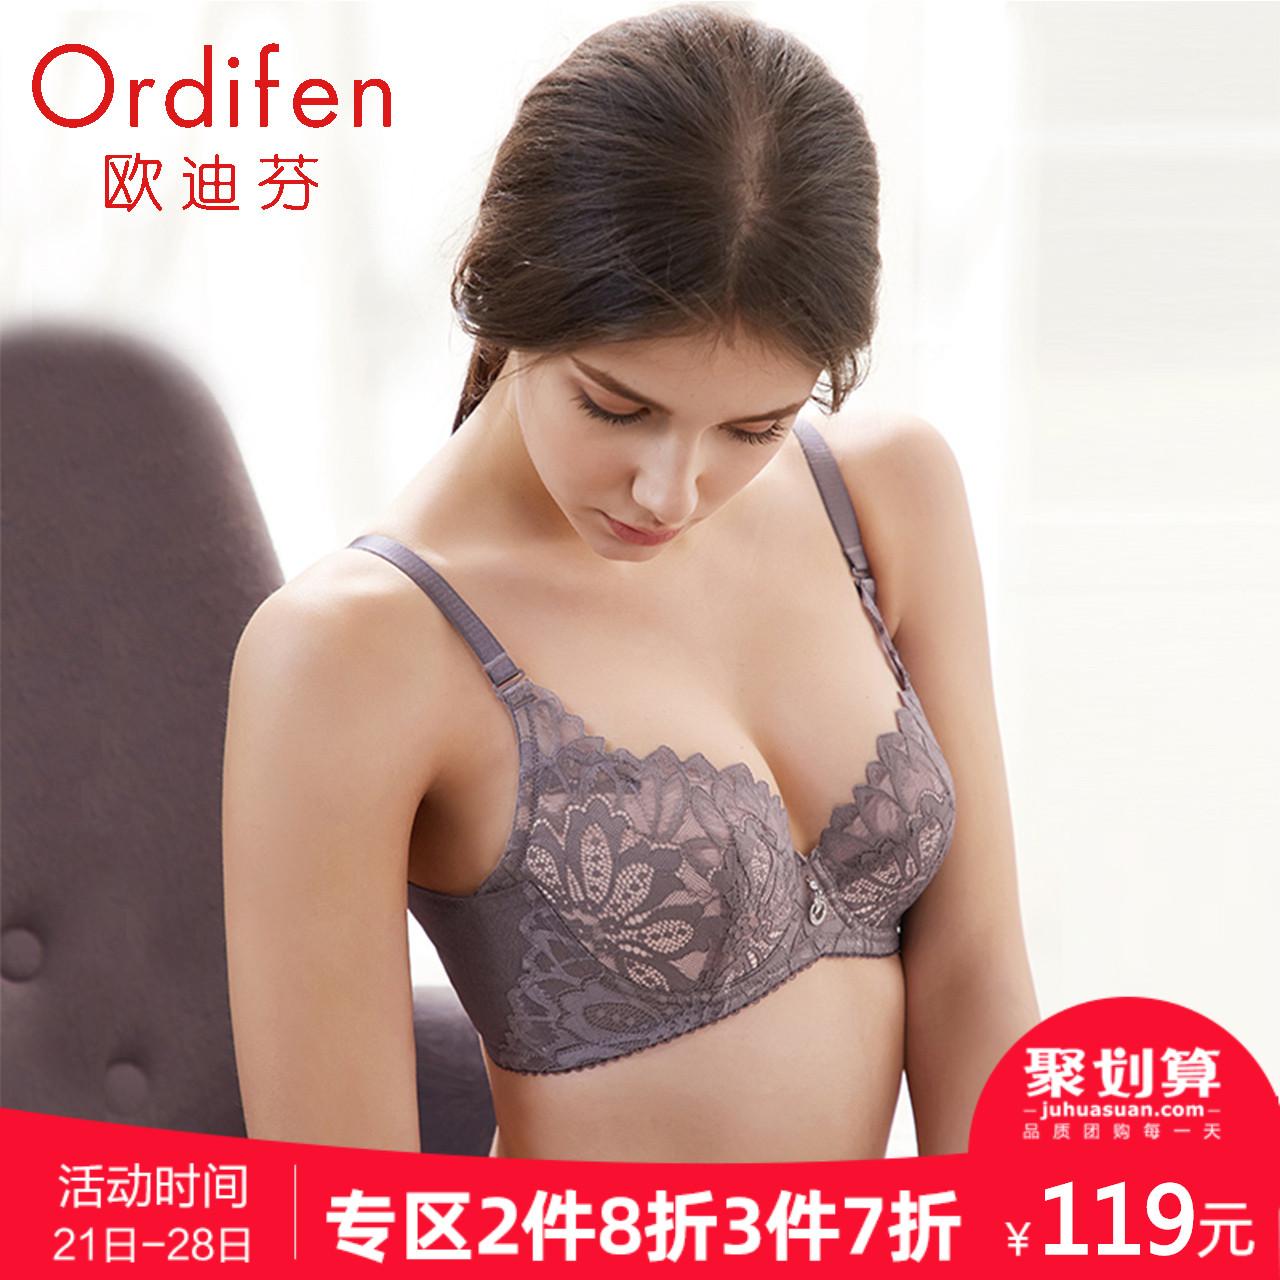 欧迪芬女士内衣薄款大杯蕾丝胸罩性感聚拢刺绣文胸XB7326图片